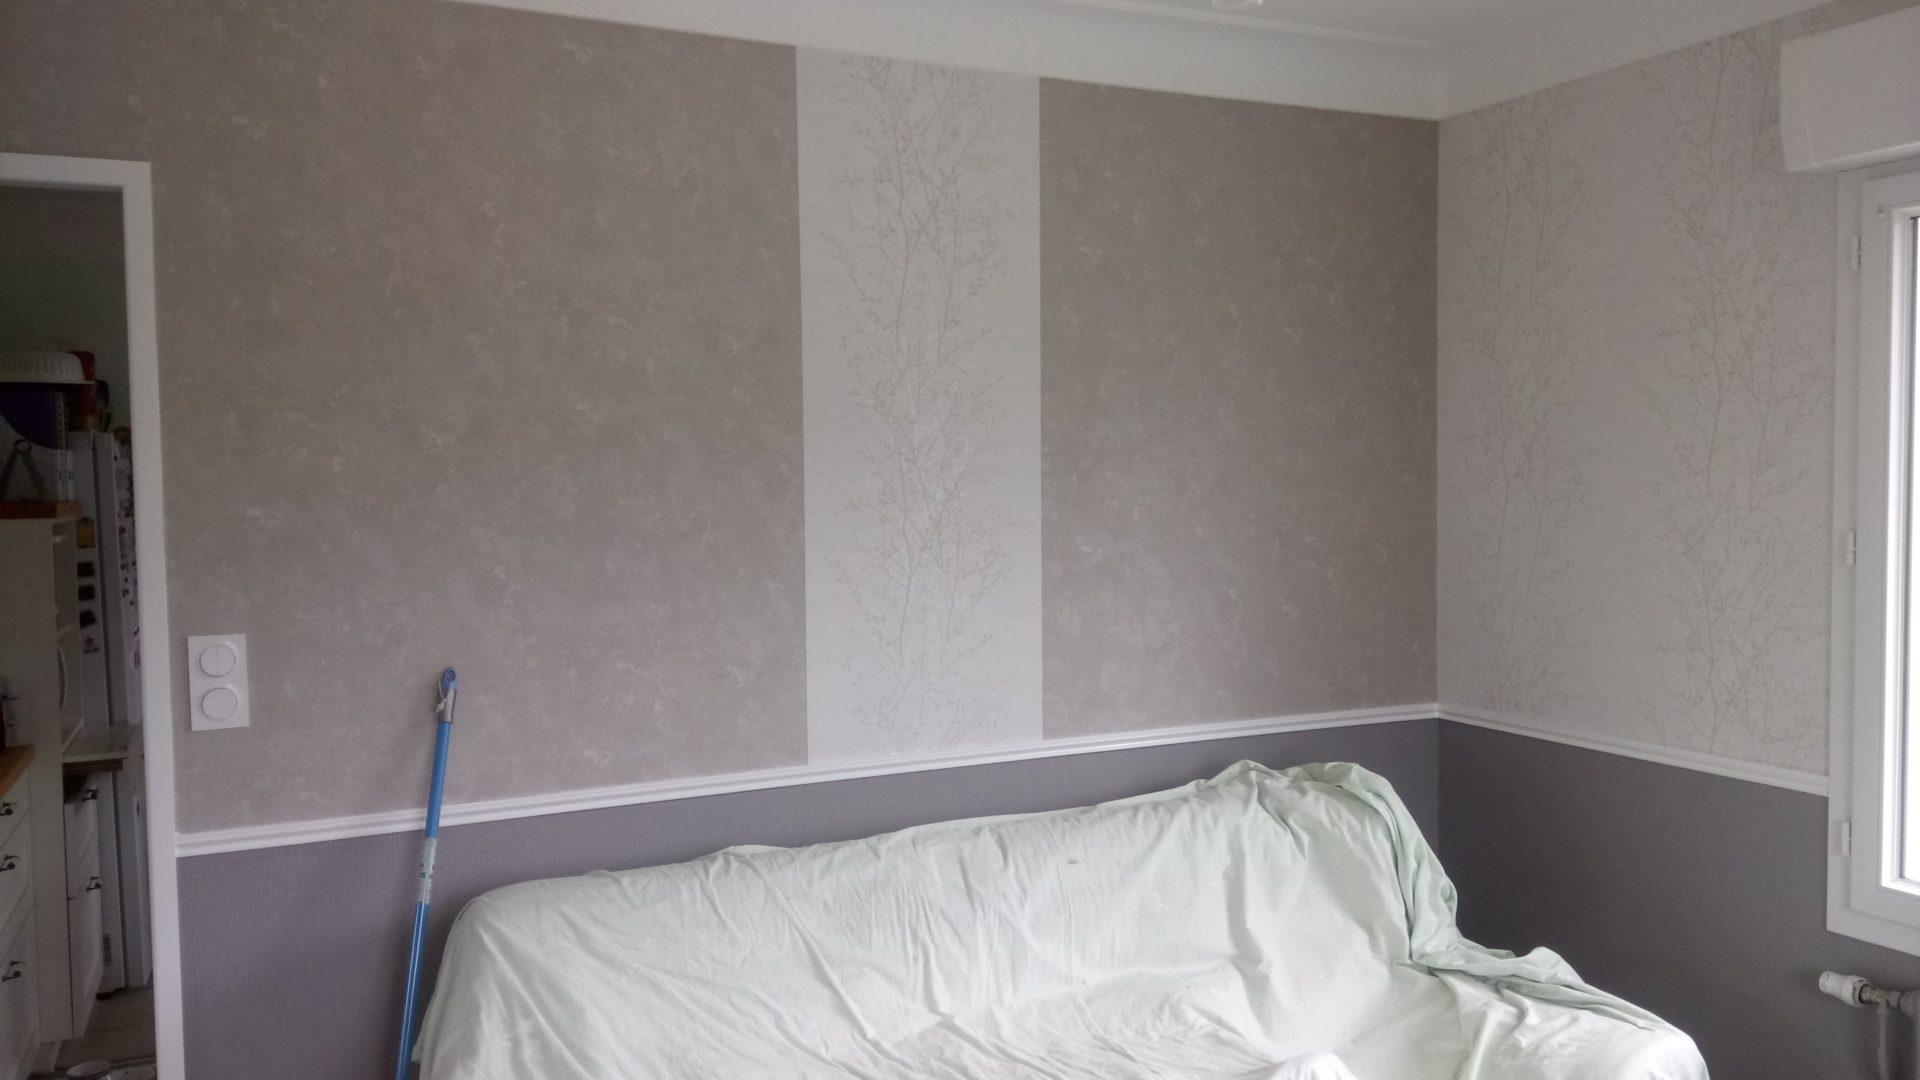 Plomelin decoration interieure papier peint intisse 1 - Décoration papier peint